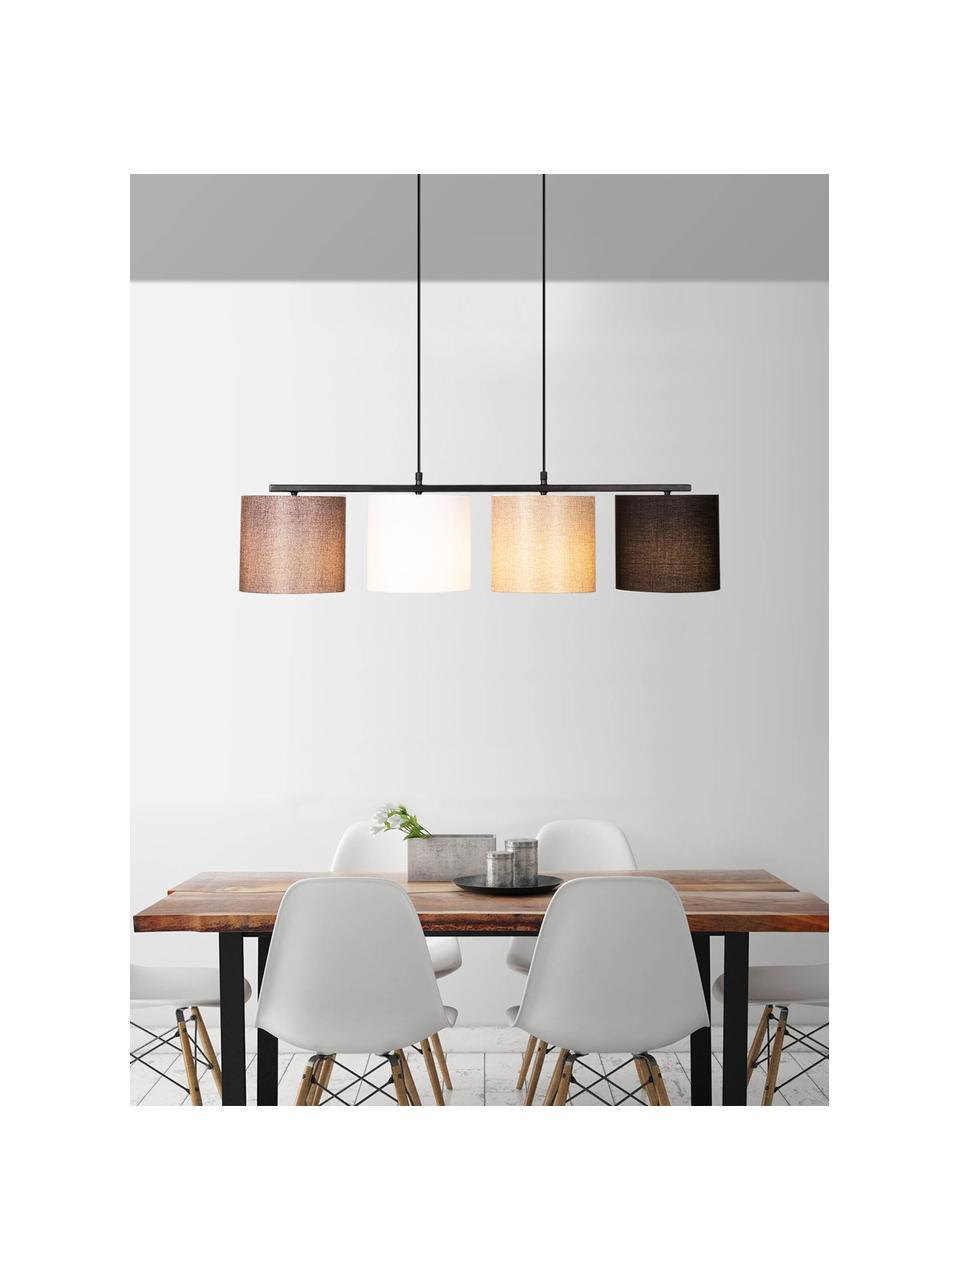 Duża lampa wisząca Valiz, Czarny, beżowy, biały, brązowy, S 110 x W 22 cm